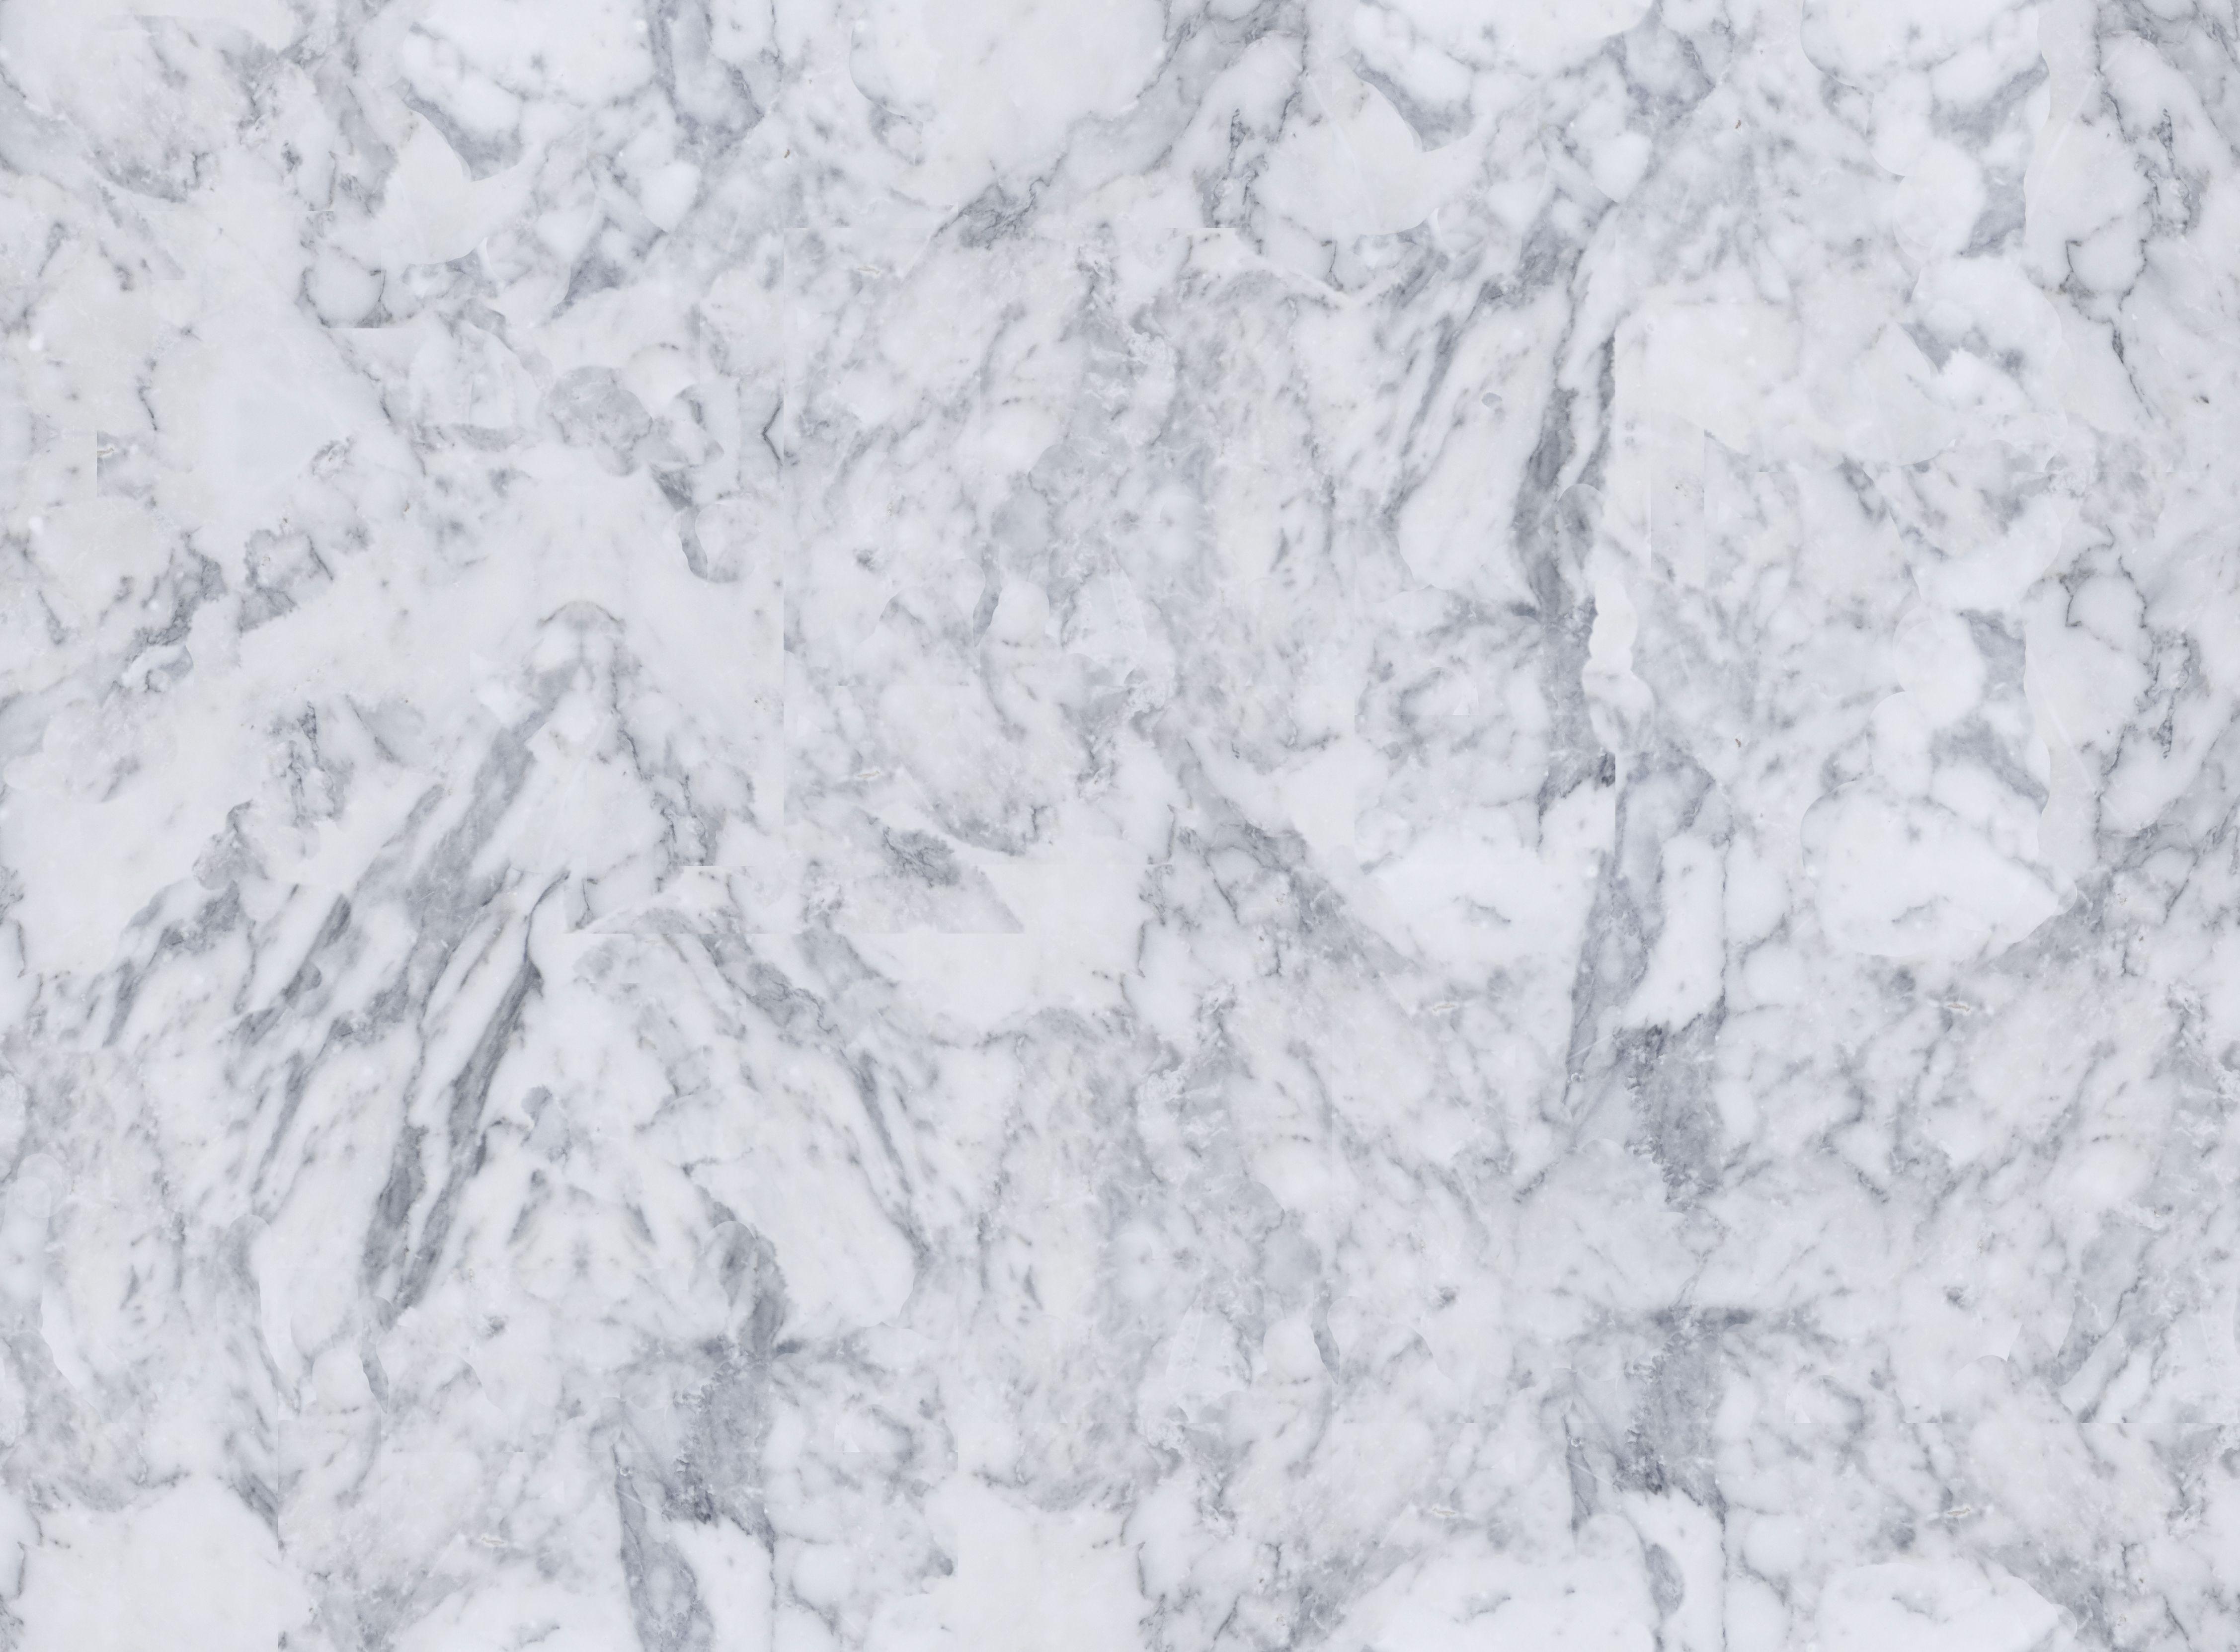 35a6fa E267fb3cc8b74c8683e7949caecee7e9 Jpg 4508 3325 Marble Wallpaper Marble Texture Marble Wallpaper Hd